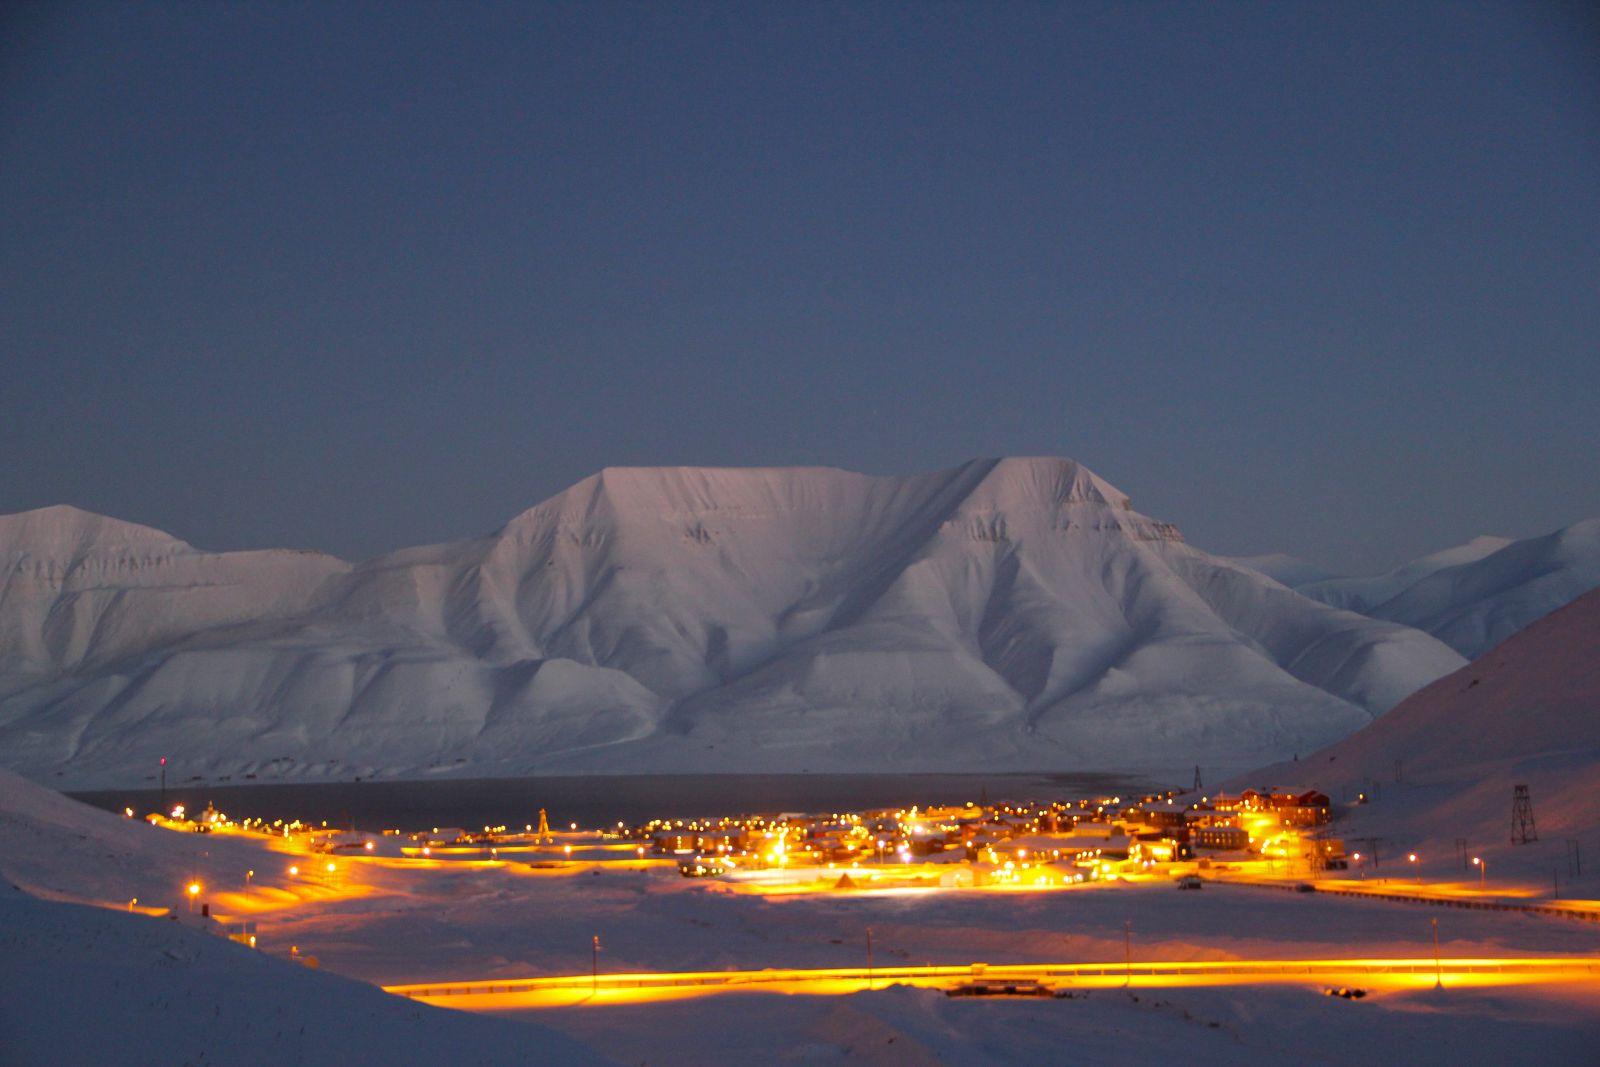 арктический вид Островов Шпицбергена